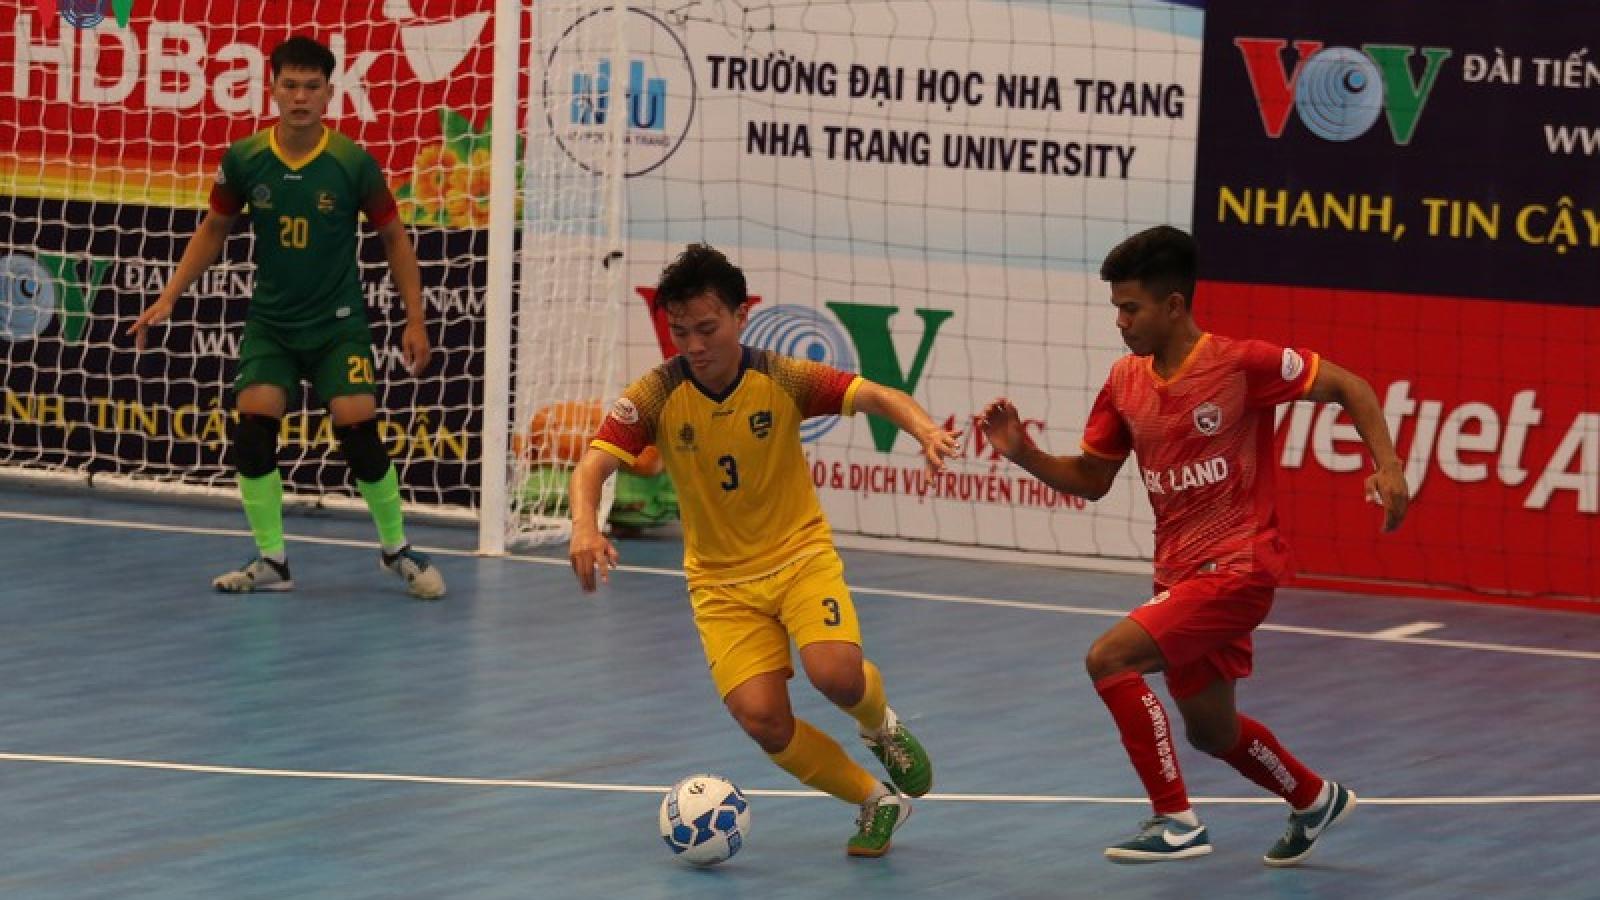 Vòng loại giải futsal HDBank VĐQG 2020: Quảng Nam rơi cửa tử